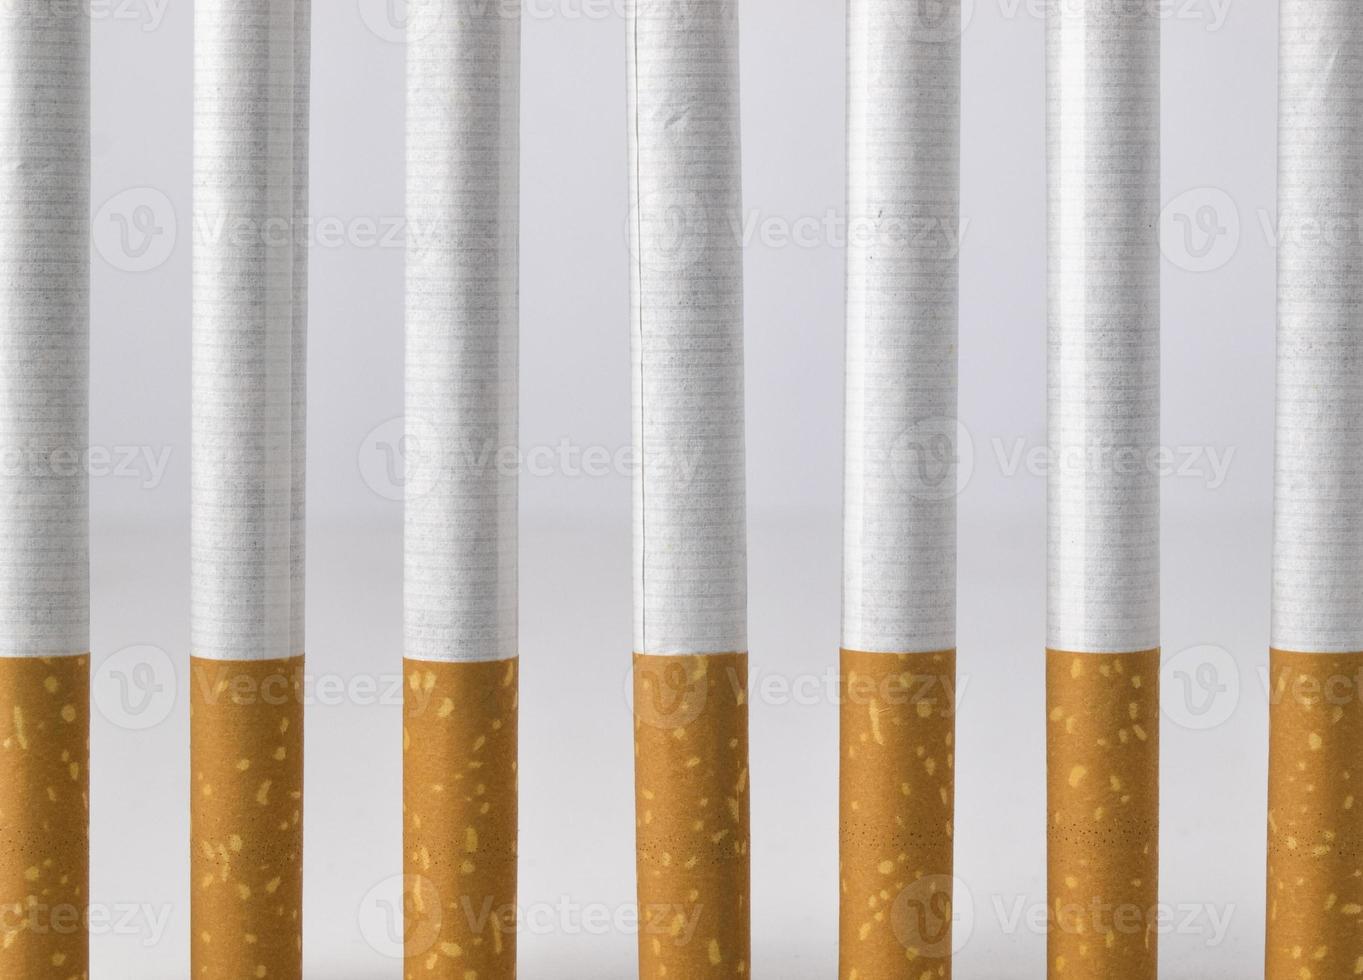 fumer est une prison photo